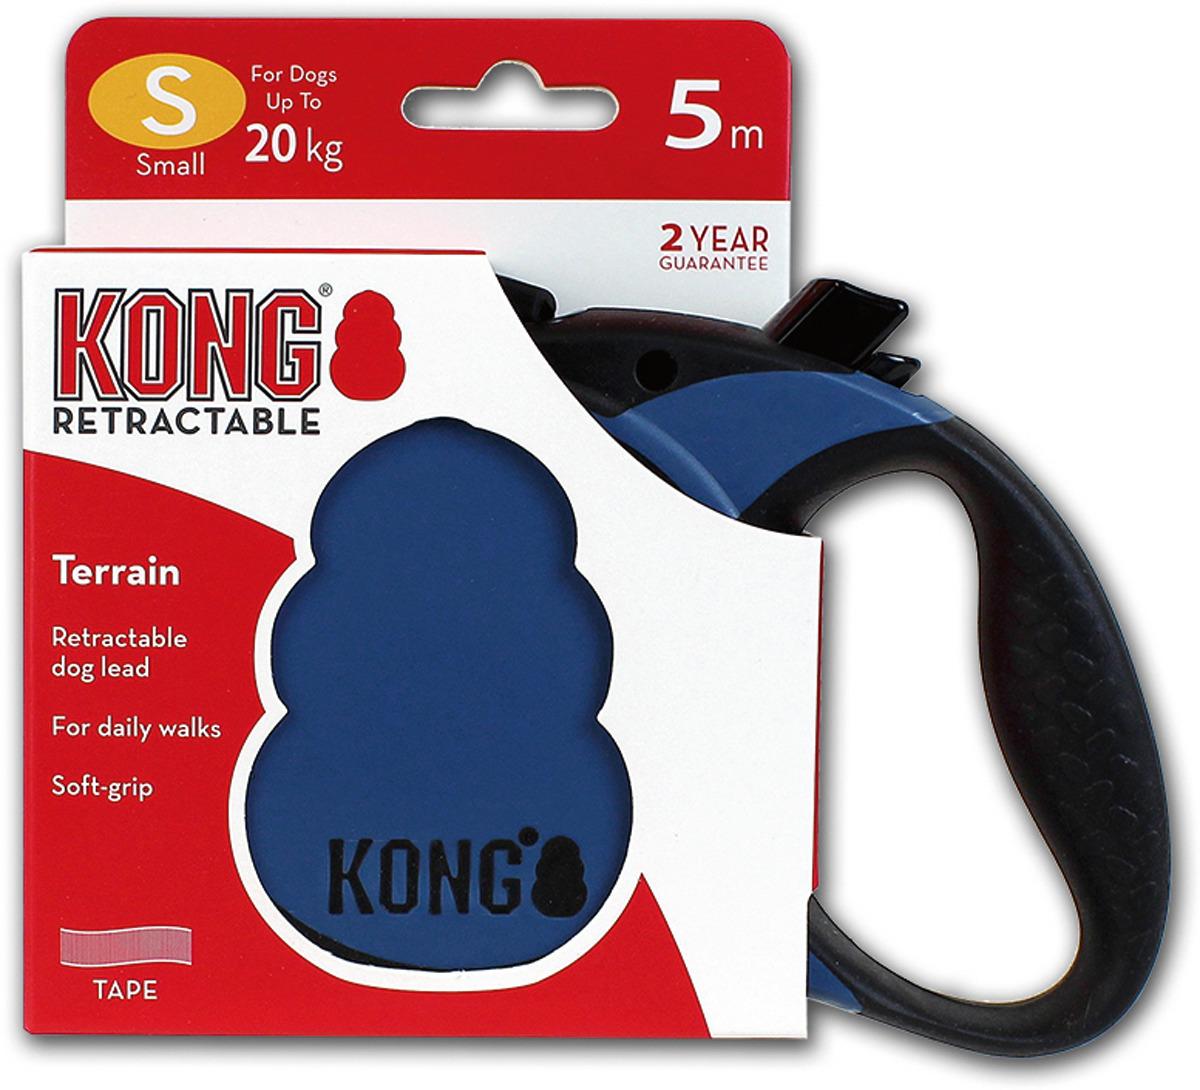 Поводок-рулетка для собак Kong Terrain S, цвет: синий, до 20 кг, 5 м